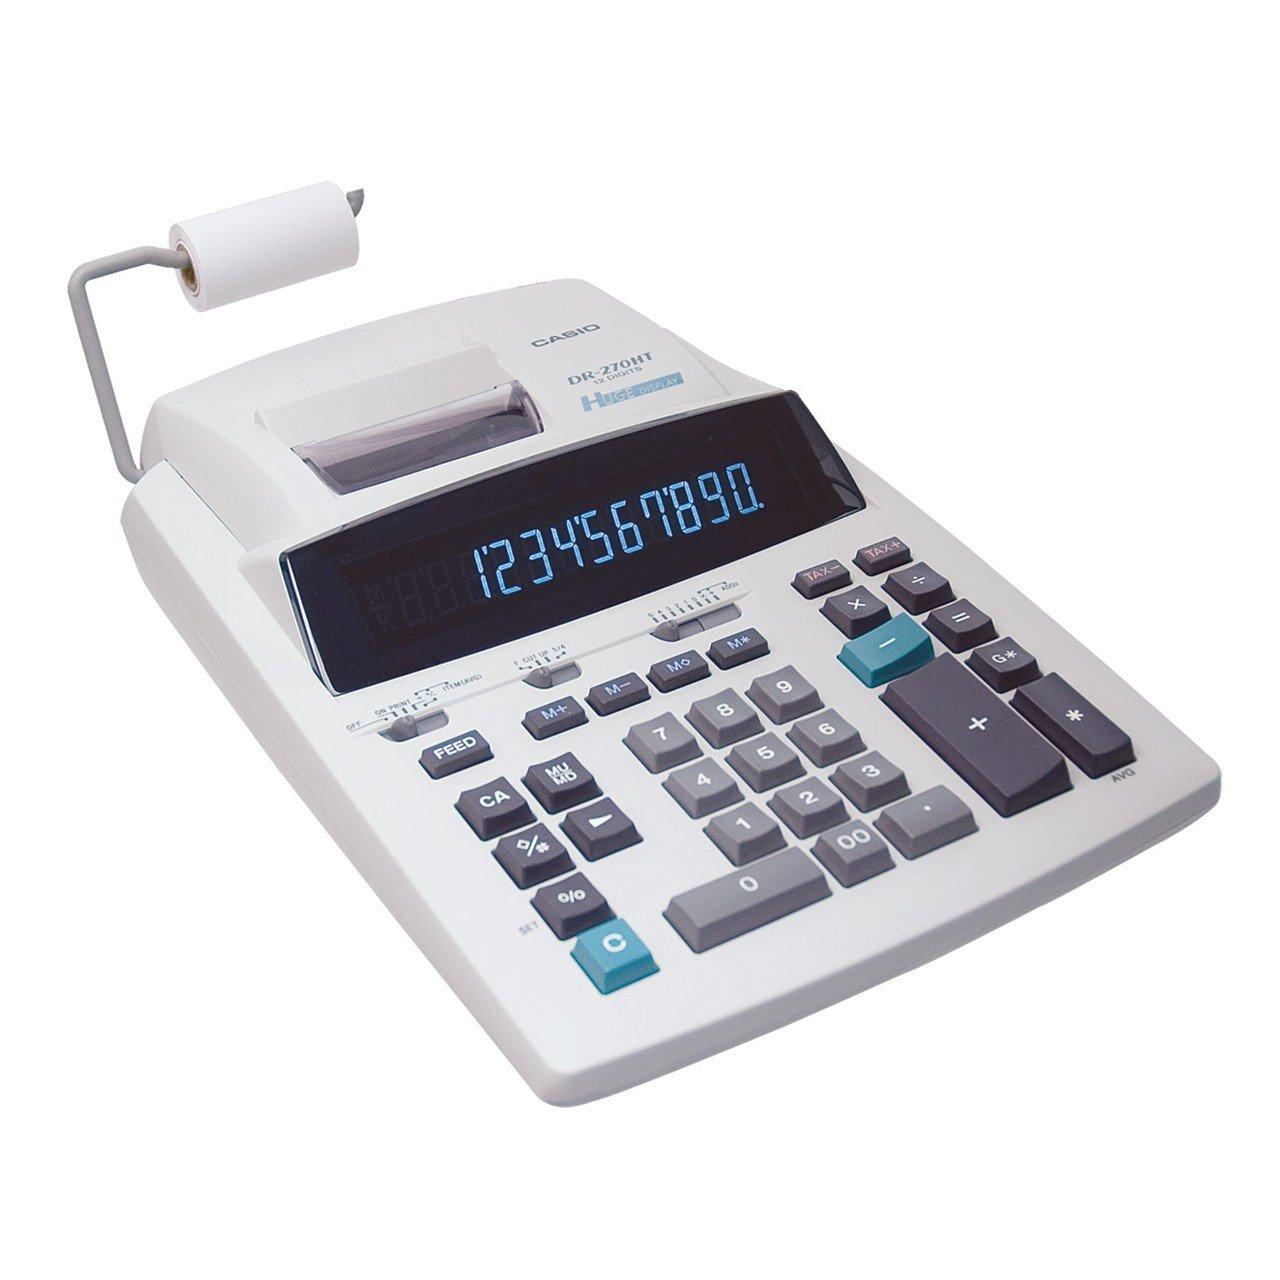 CASIO 12-Digit Printing Calculator